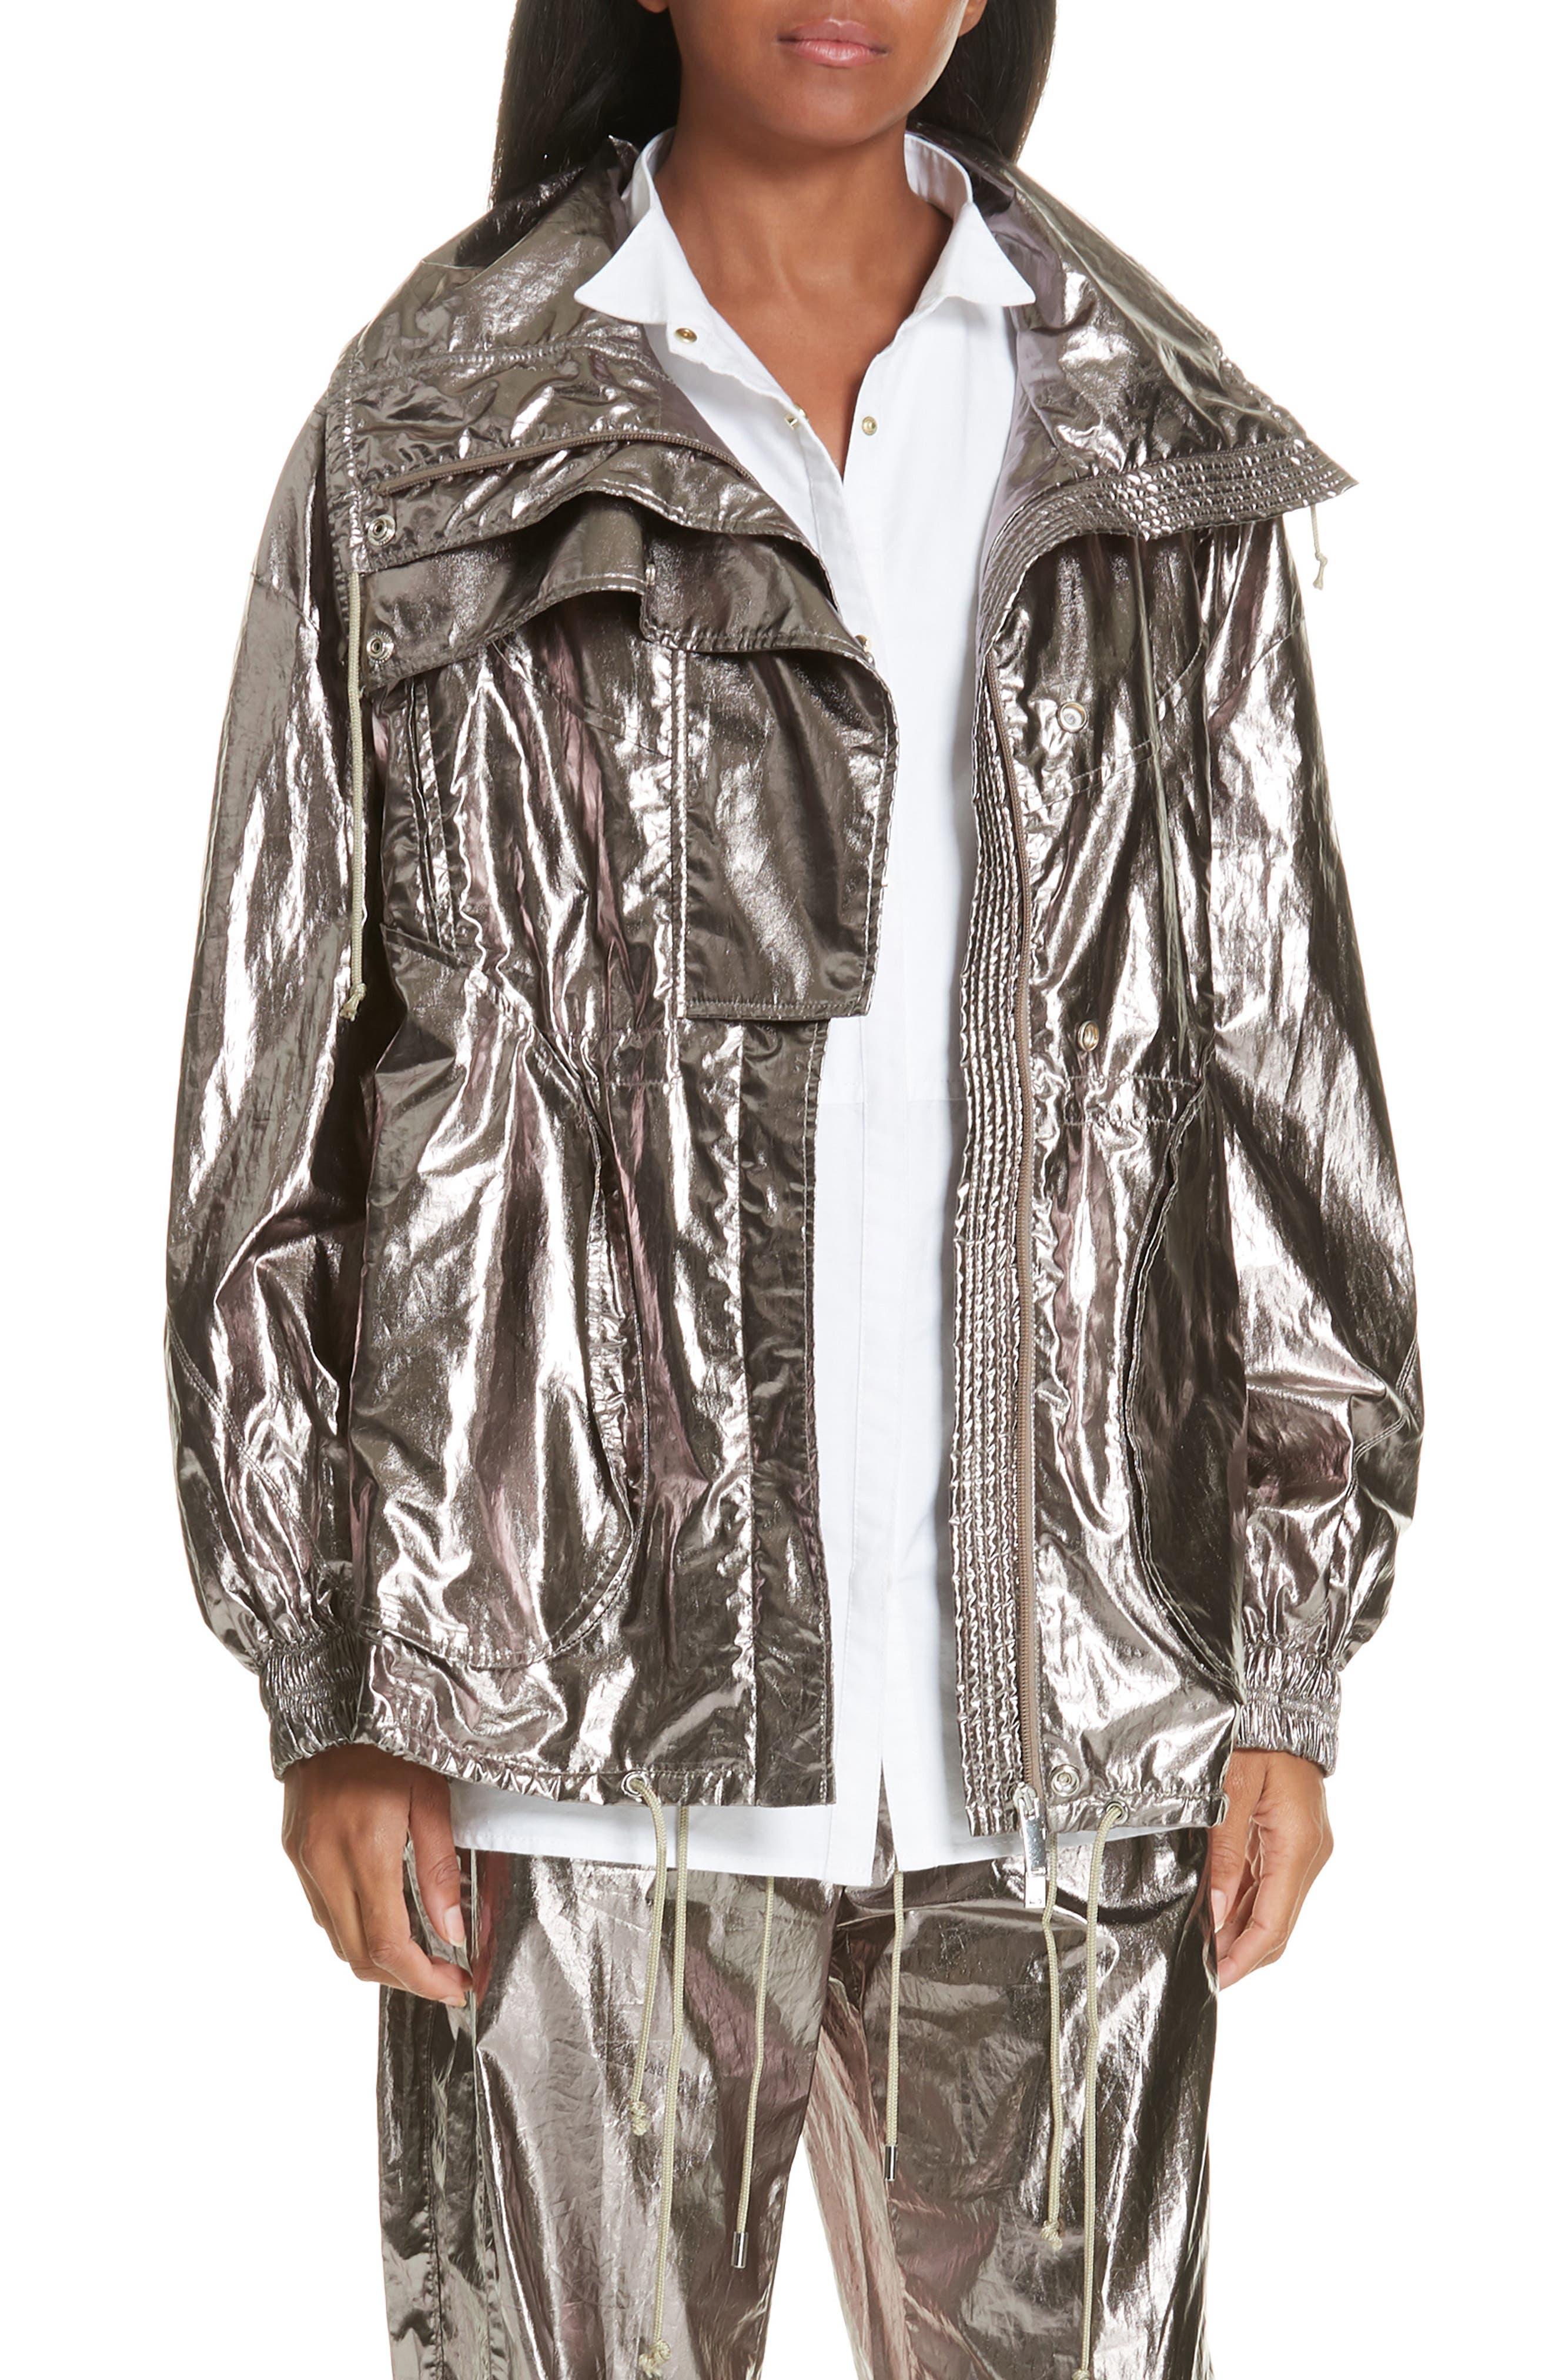 GREY JASON WU Metallic Foil Jacket in Silver